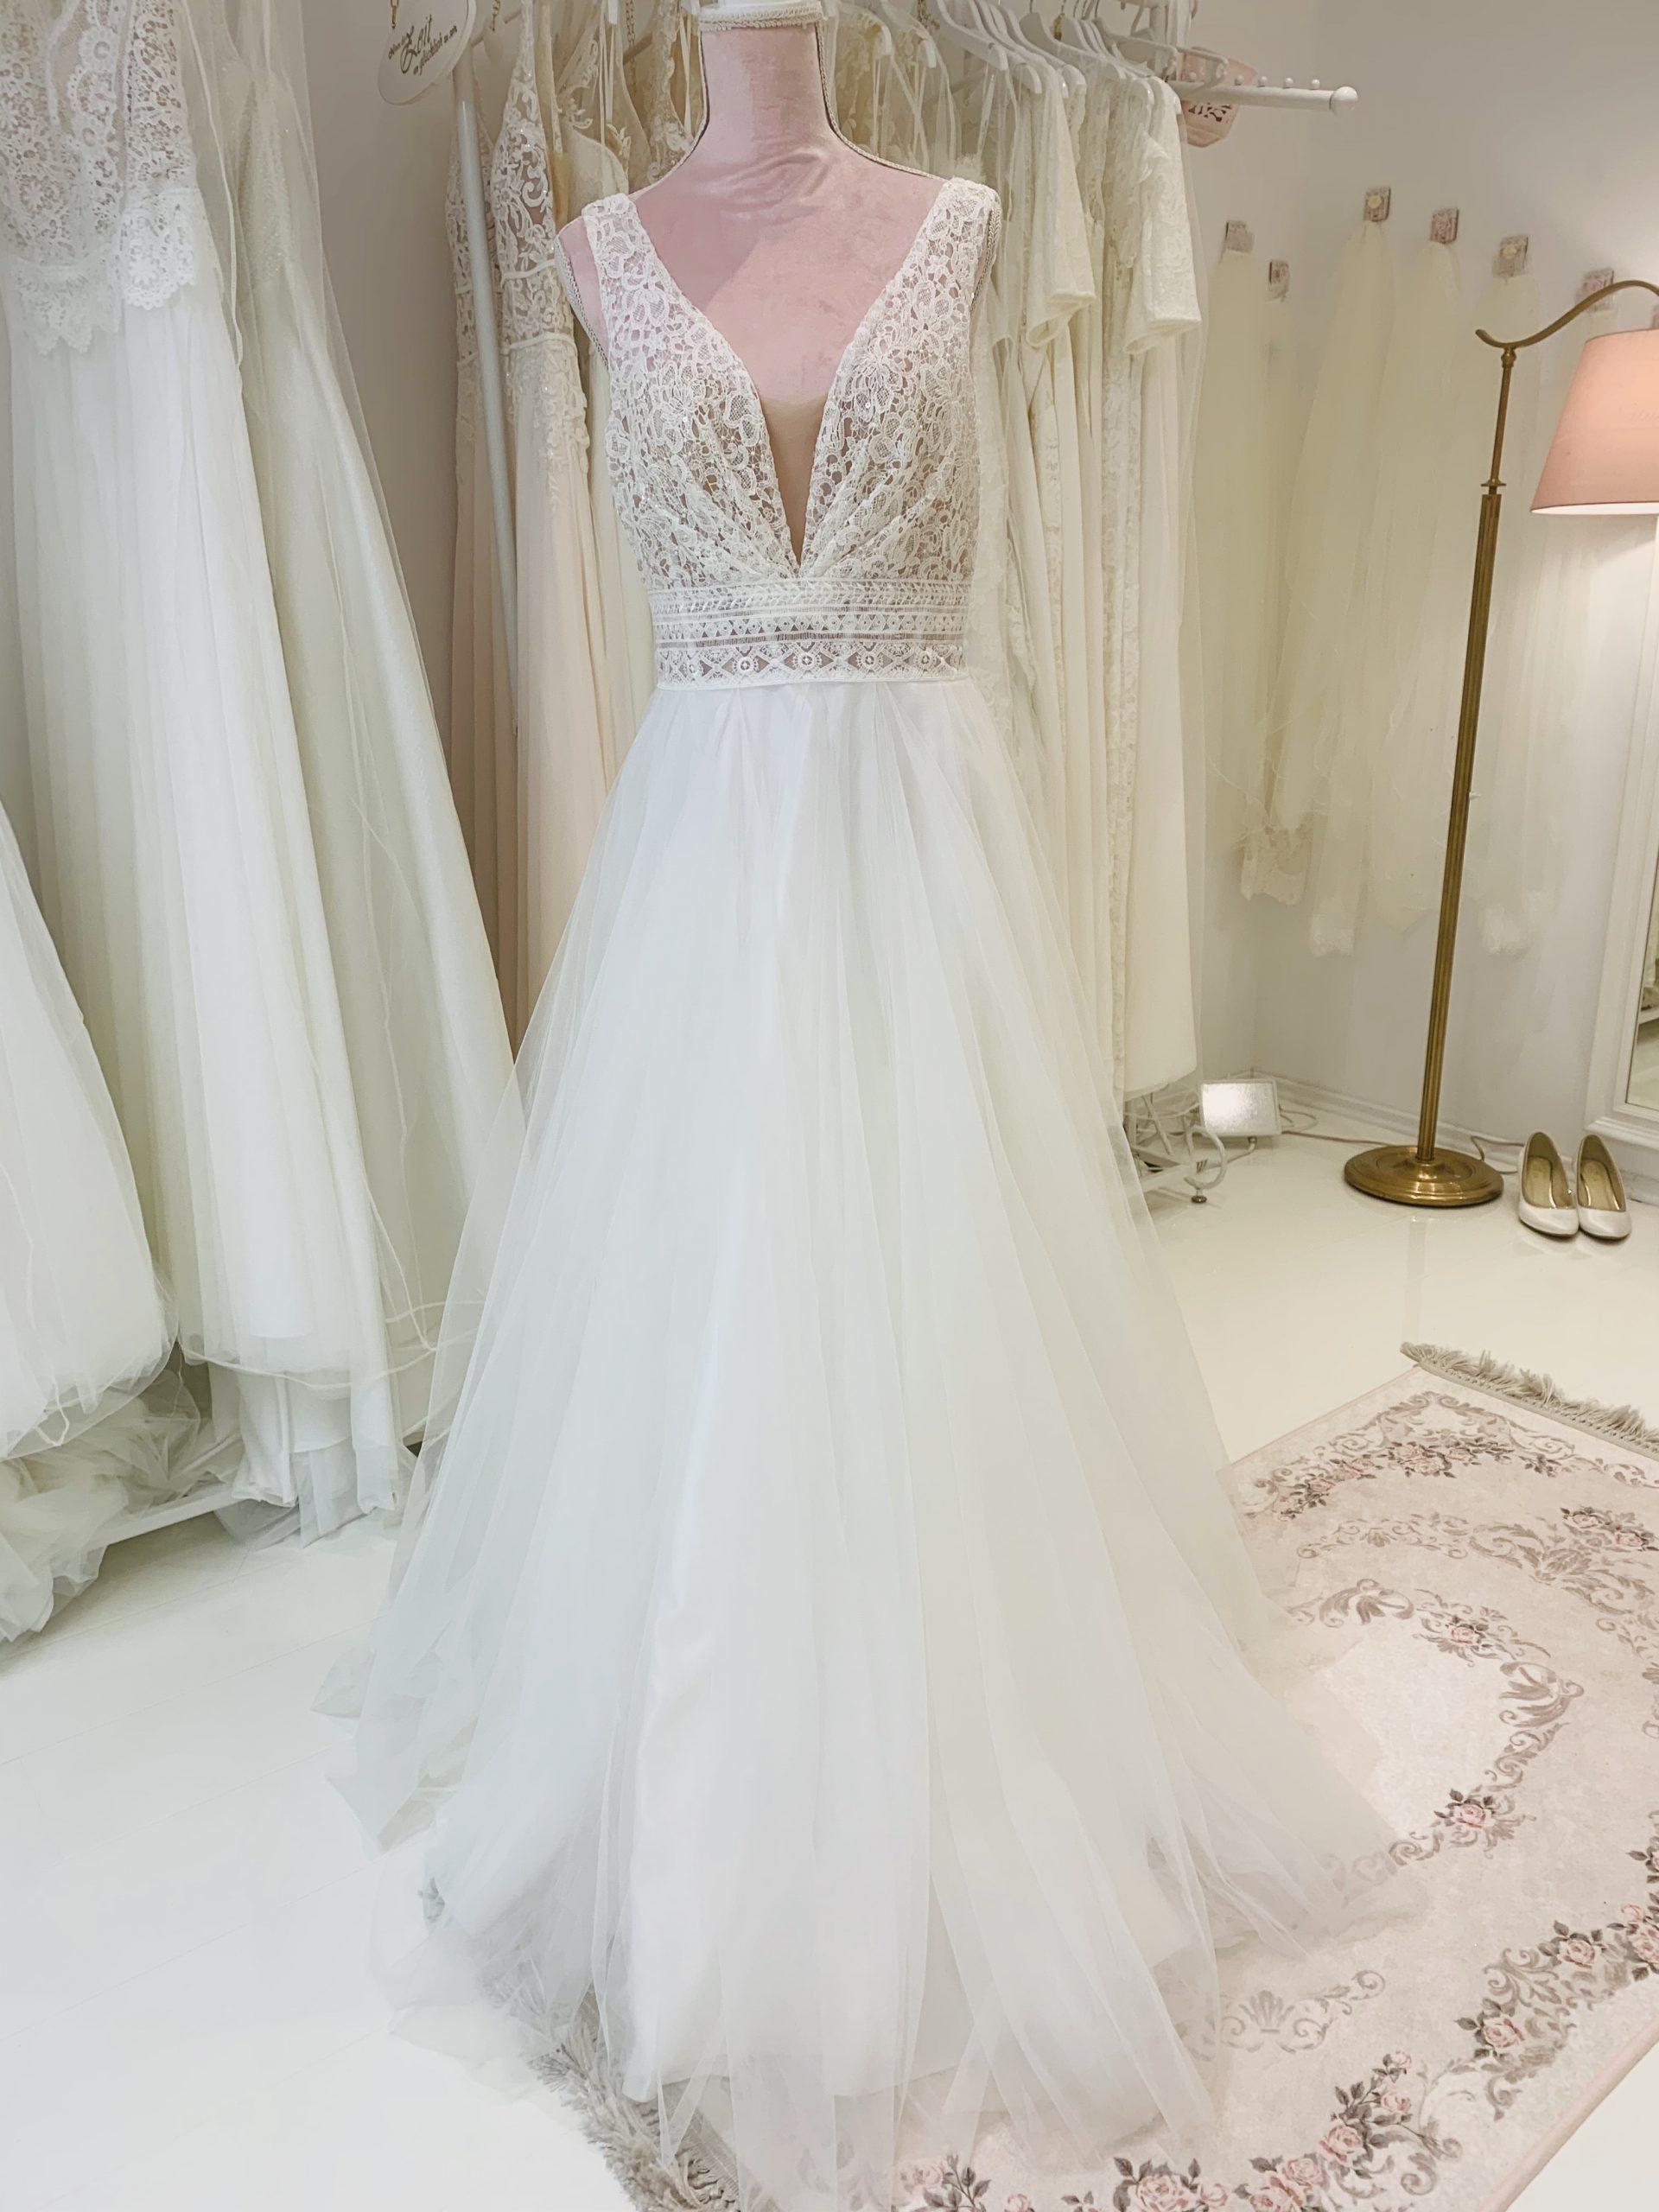 Brautkleid 5 - Vollansicht